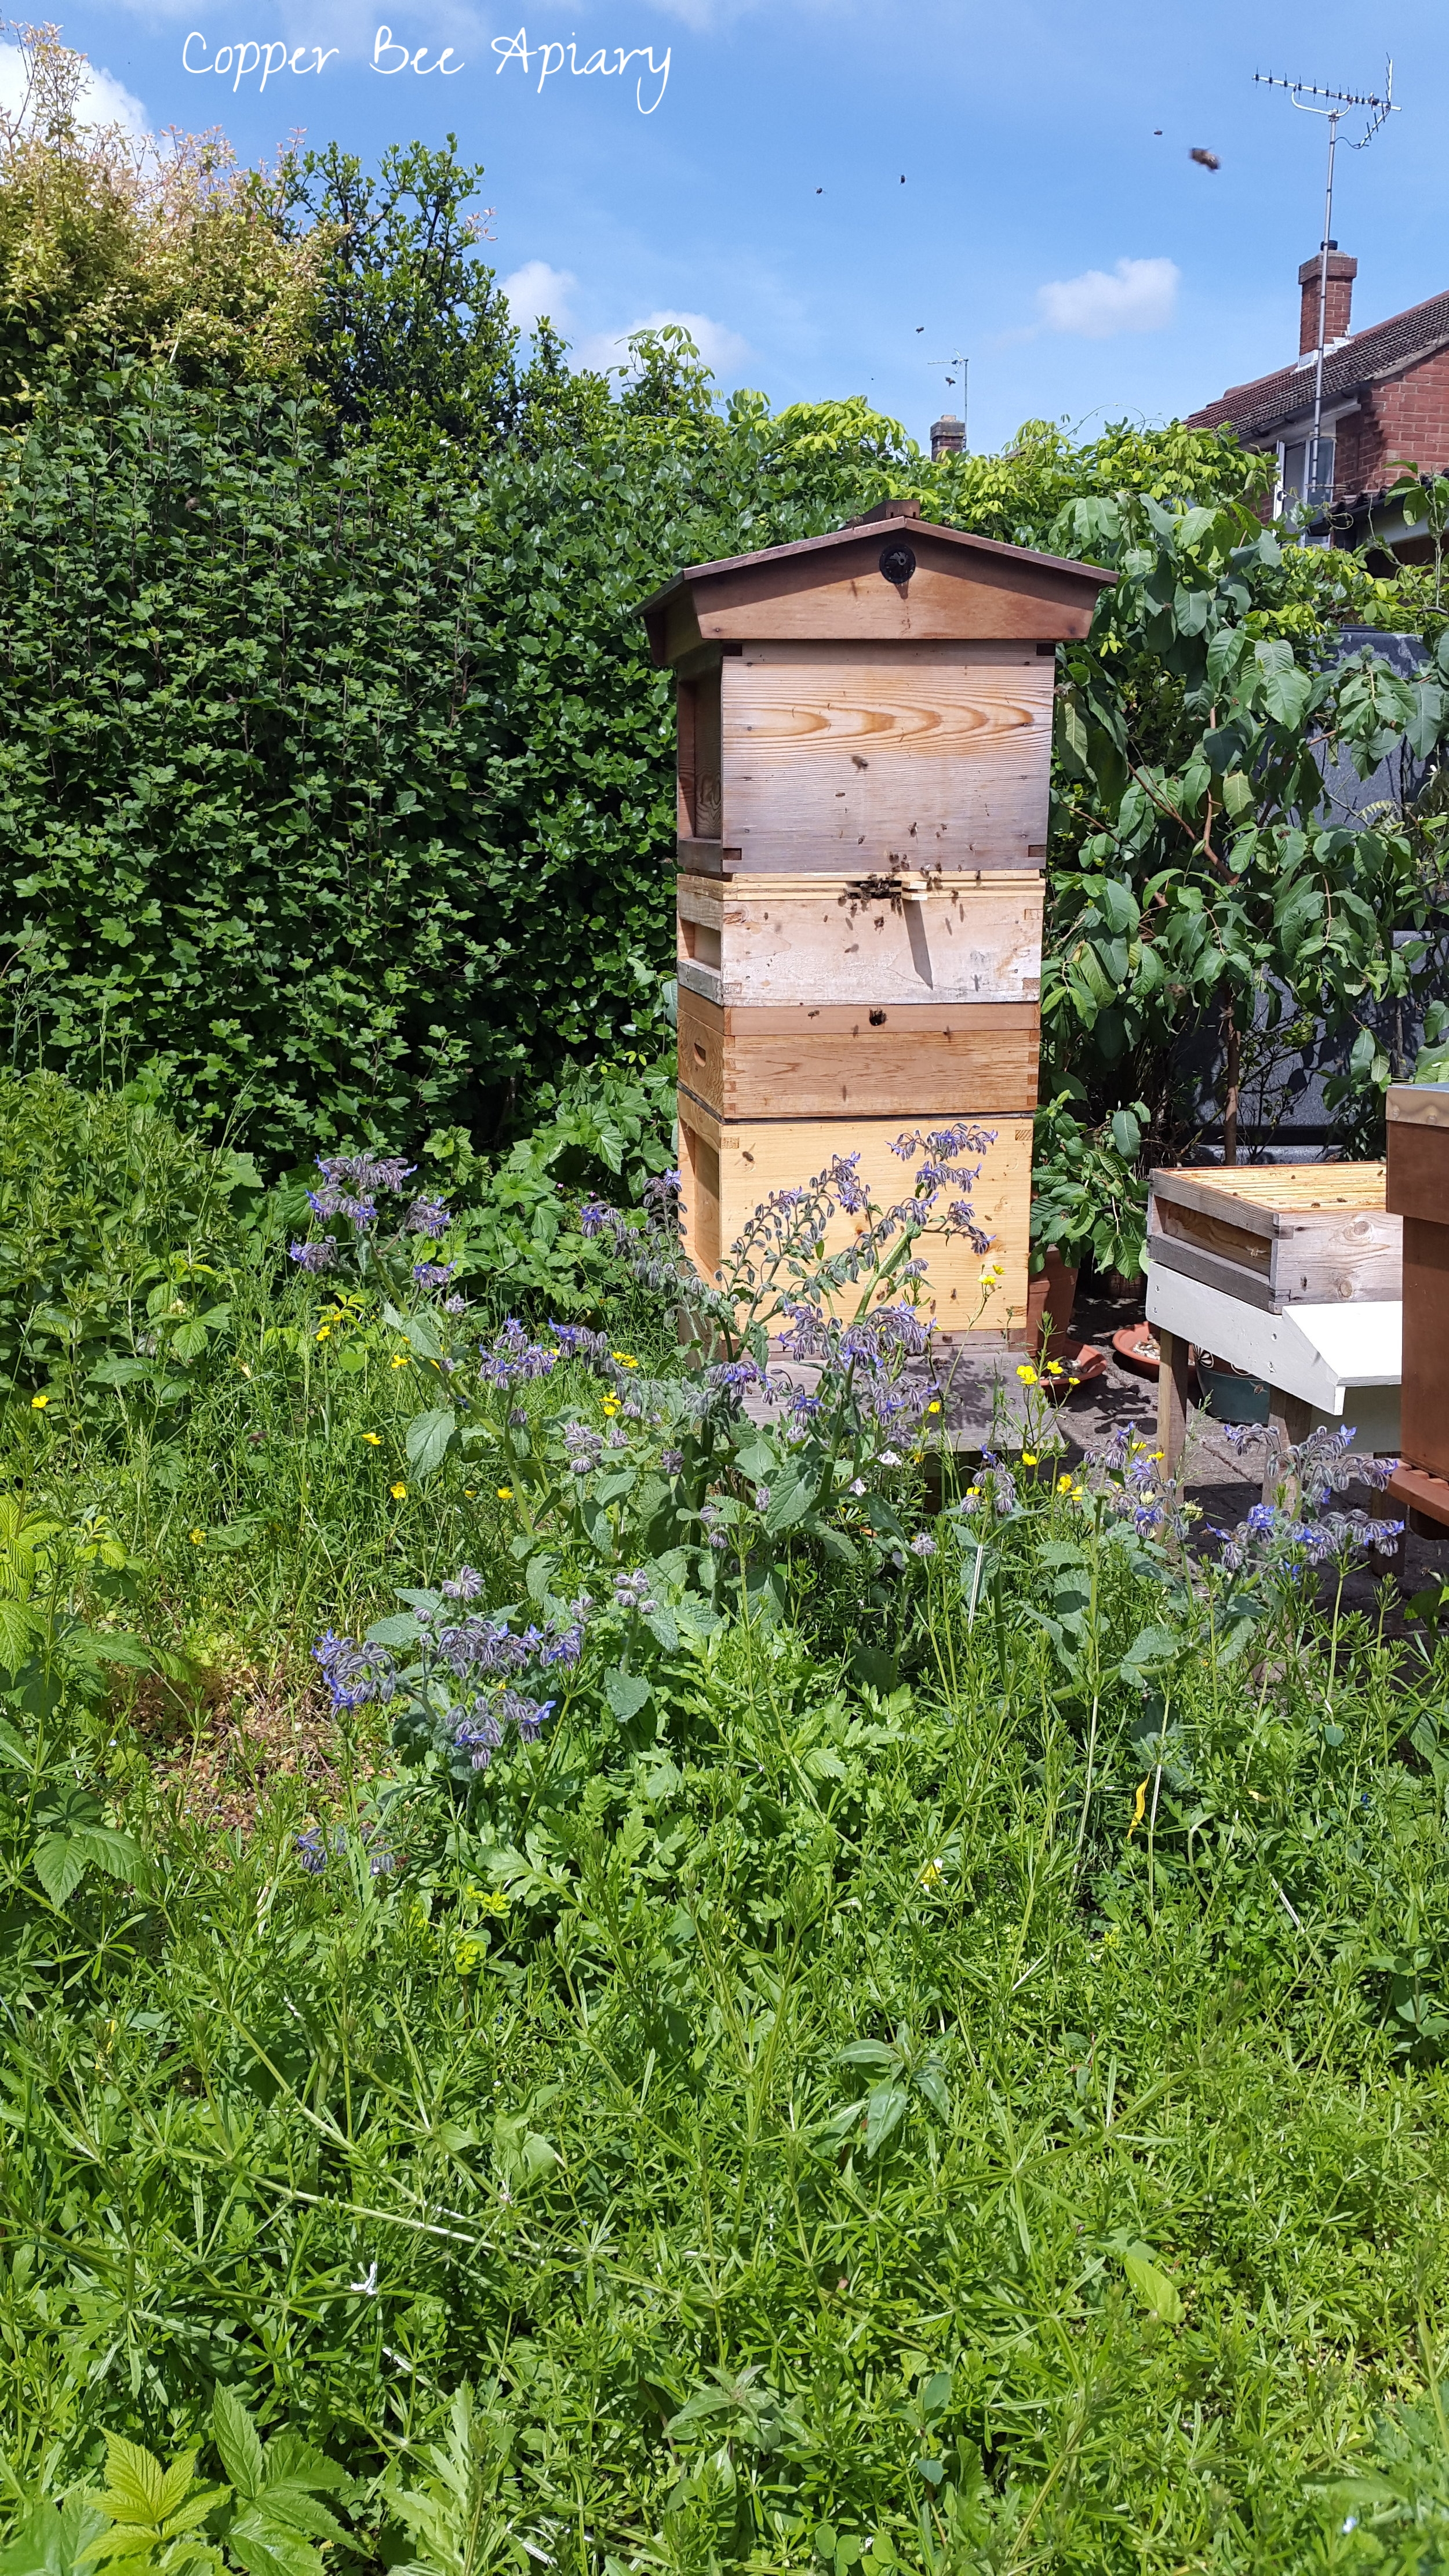 High-rise Copper Hive